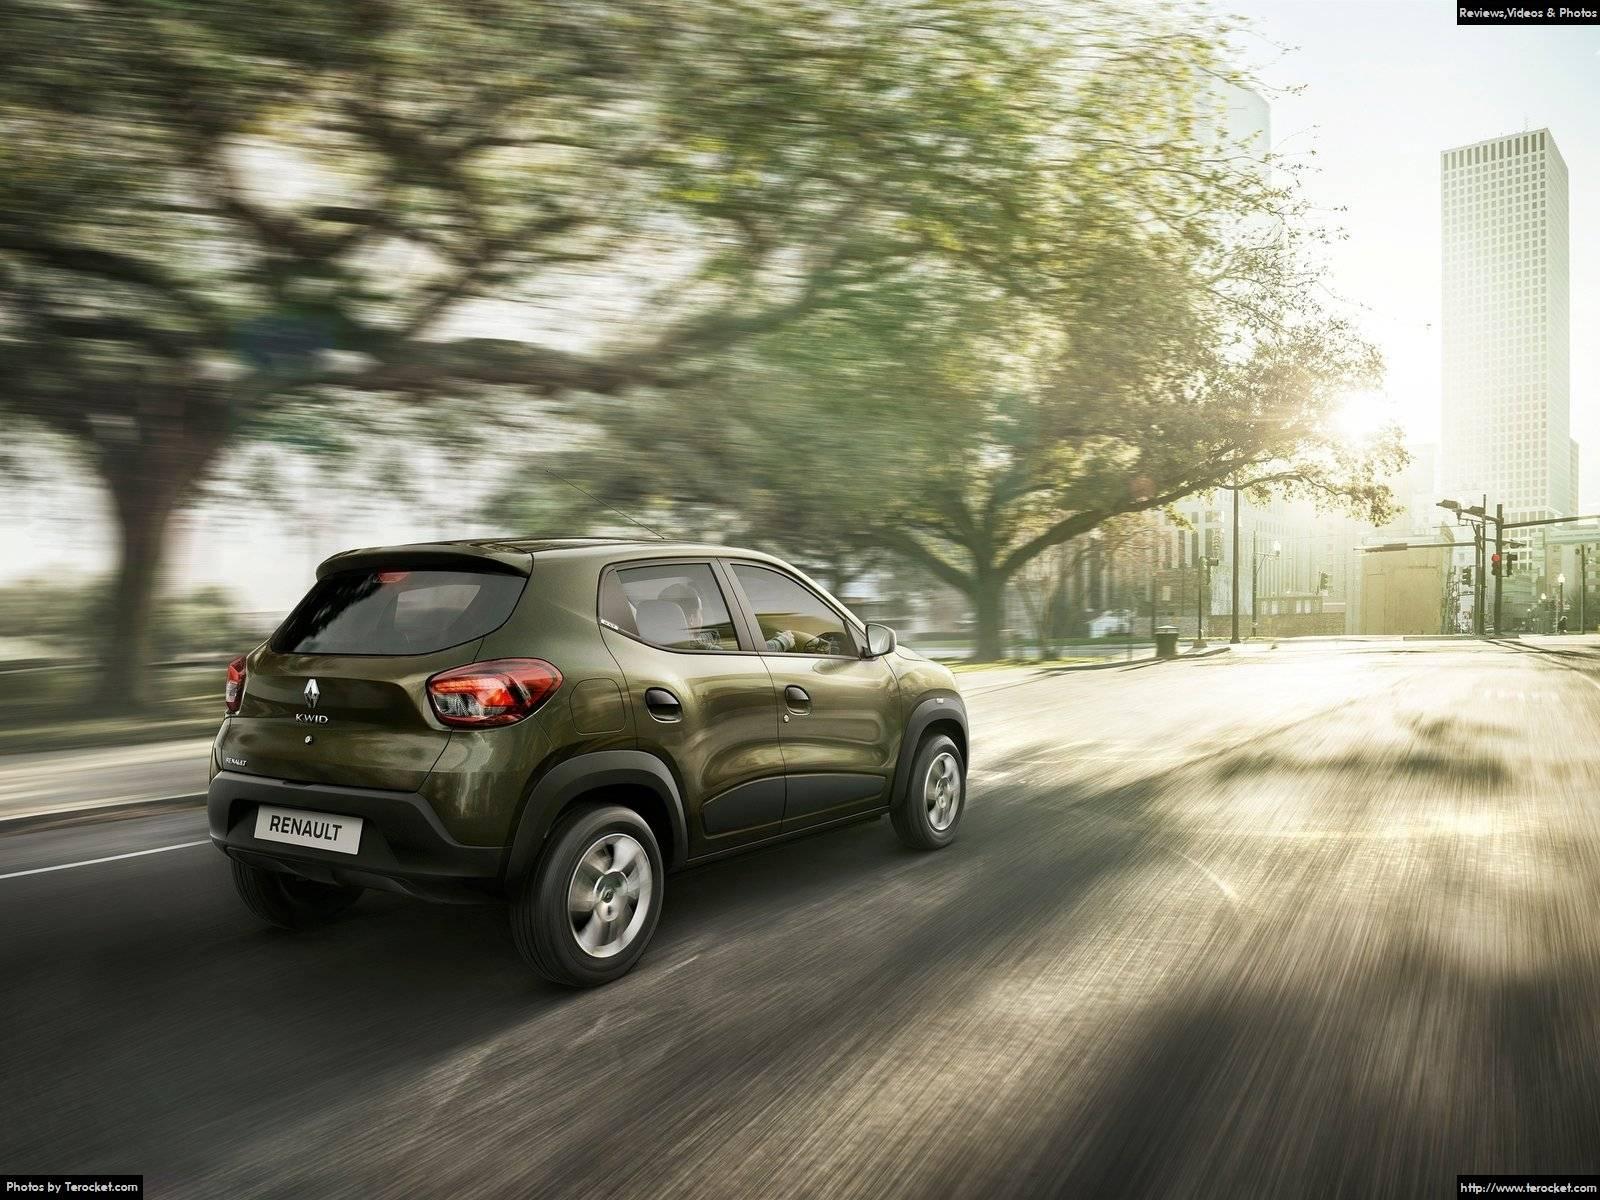 Hình ảnh xe ô tô Renault Kwid 2016 & nội ngoại thất